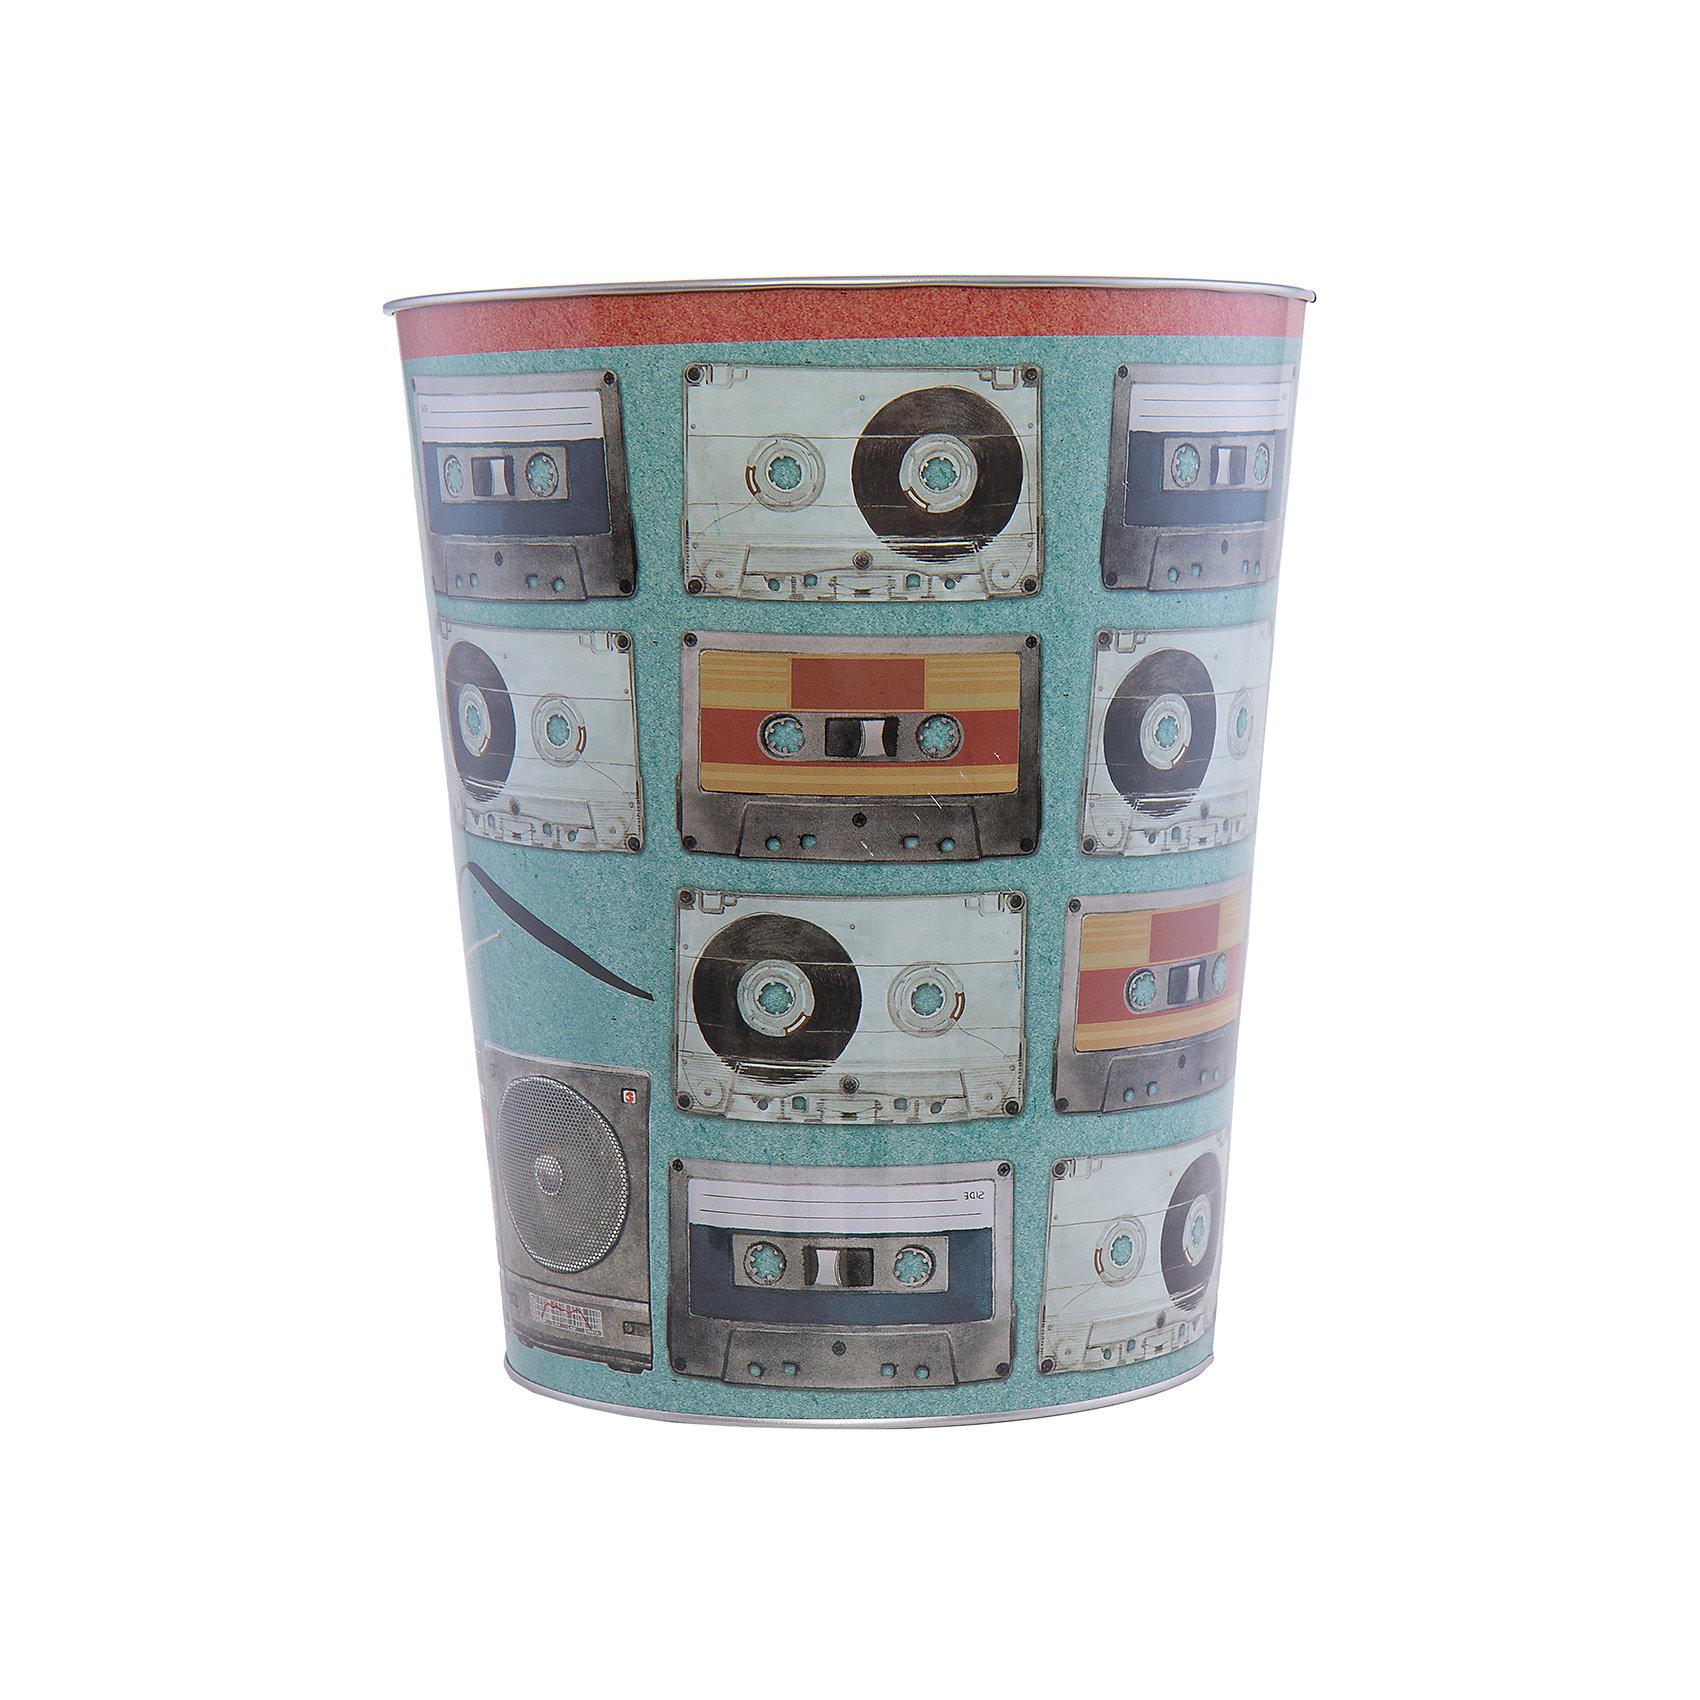 Ведро мусорное АудиокассетыМусорные ведра<br>Аудиокассеты - ведро для мусора, сделанное из металла и украшенное рисунком с аудиокассетами. Простое и практичное ведро удобно использовать как дома, так и на рабочем месте.<br><br>Дополнительная информация:<br>Материал: металл<br>Диаметр: 22,5 см<br>Высота: 26,5 см<br>Вес: 390 грамм<br>Мусорное ведро Аудиокассеты можно приобрести в нашем интернет-магазине.<br><br>Ширина мм: 690<br>Глубина мм: 250<br>Высота мм: 240<br>Вес г: 411<br>Возраст от месяцев: 84<br>Возраст до месяцев: 216<br>Пол: Унисекс<br>Возраст: Детский<br>SKU: 4957978